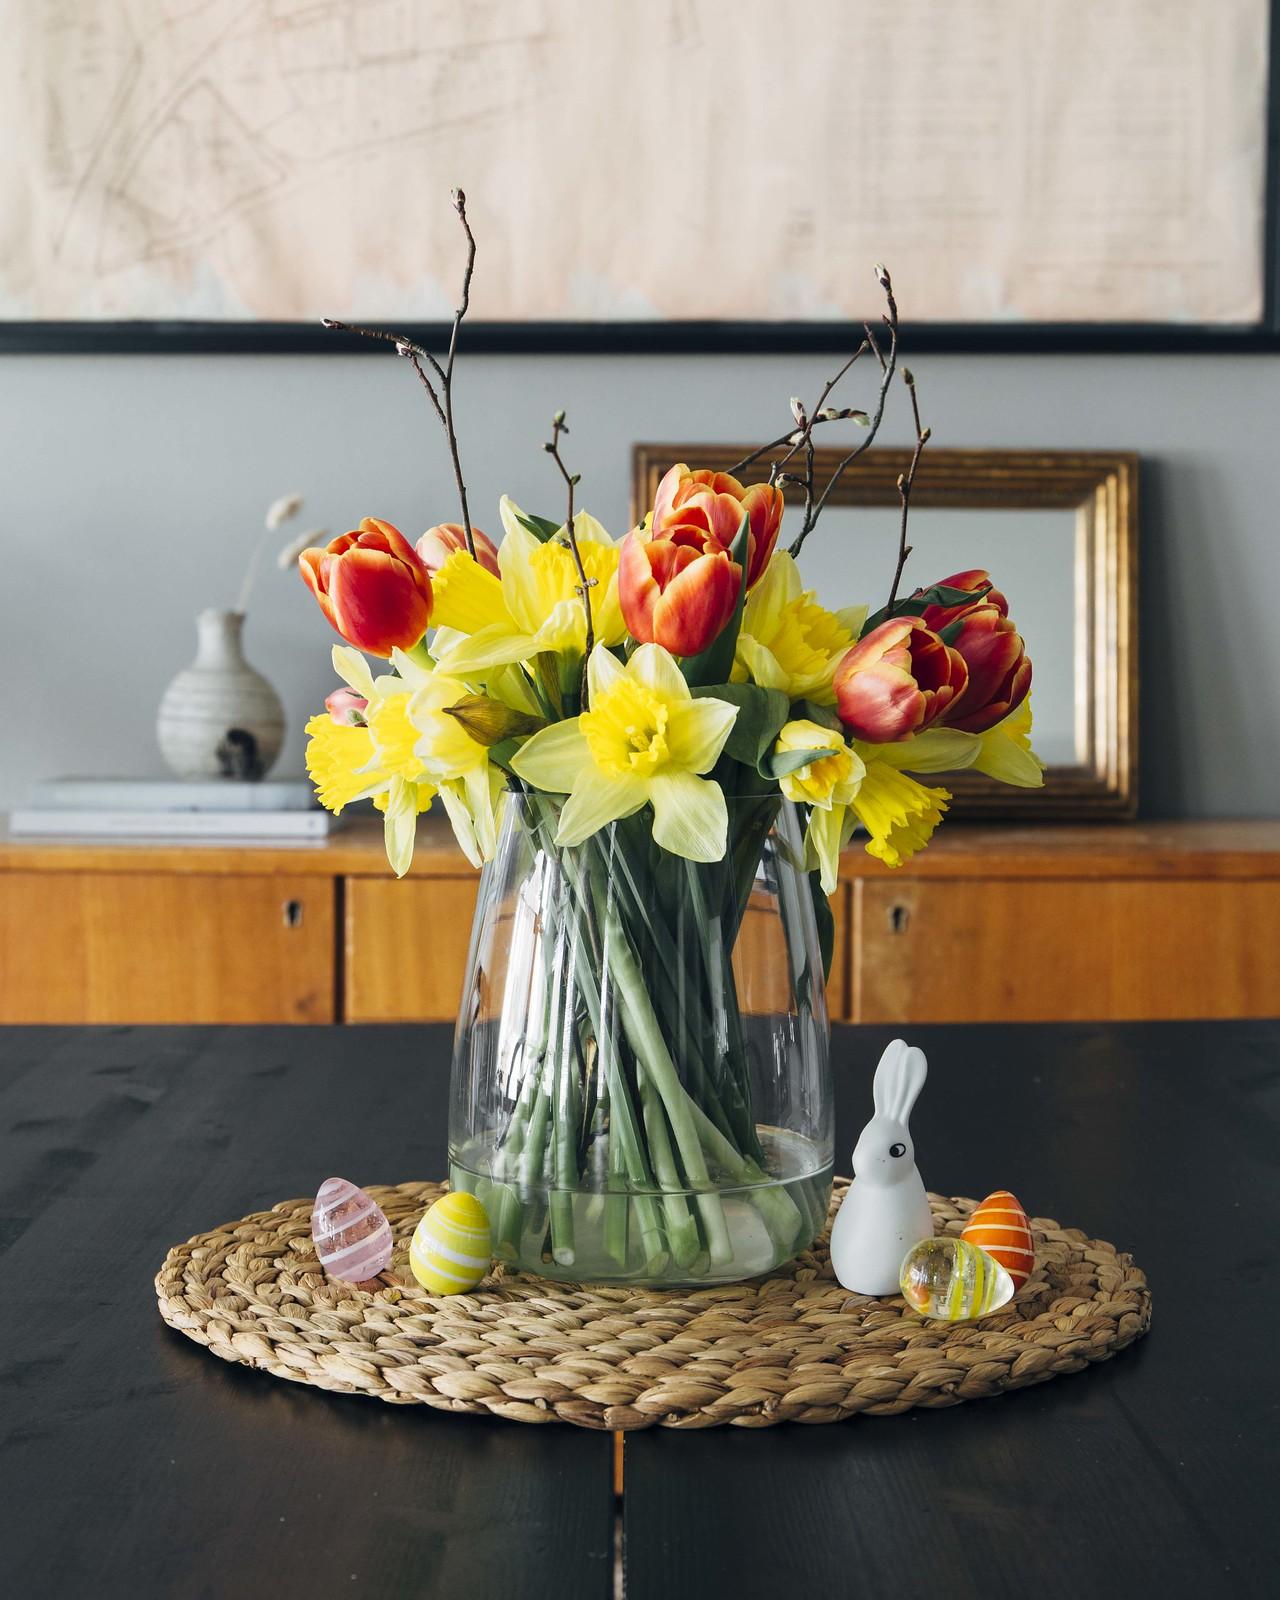 Värikäs kukkakimppu, jossa on punaisia tulppaaneja, keltanarsisseja ja oksia, sopii täydellisesti pääsiäiseen.